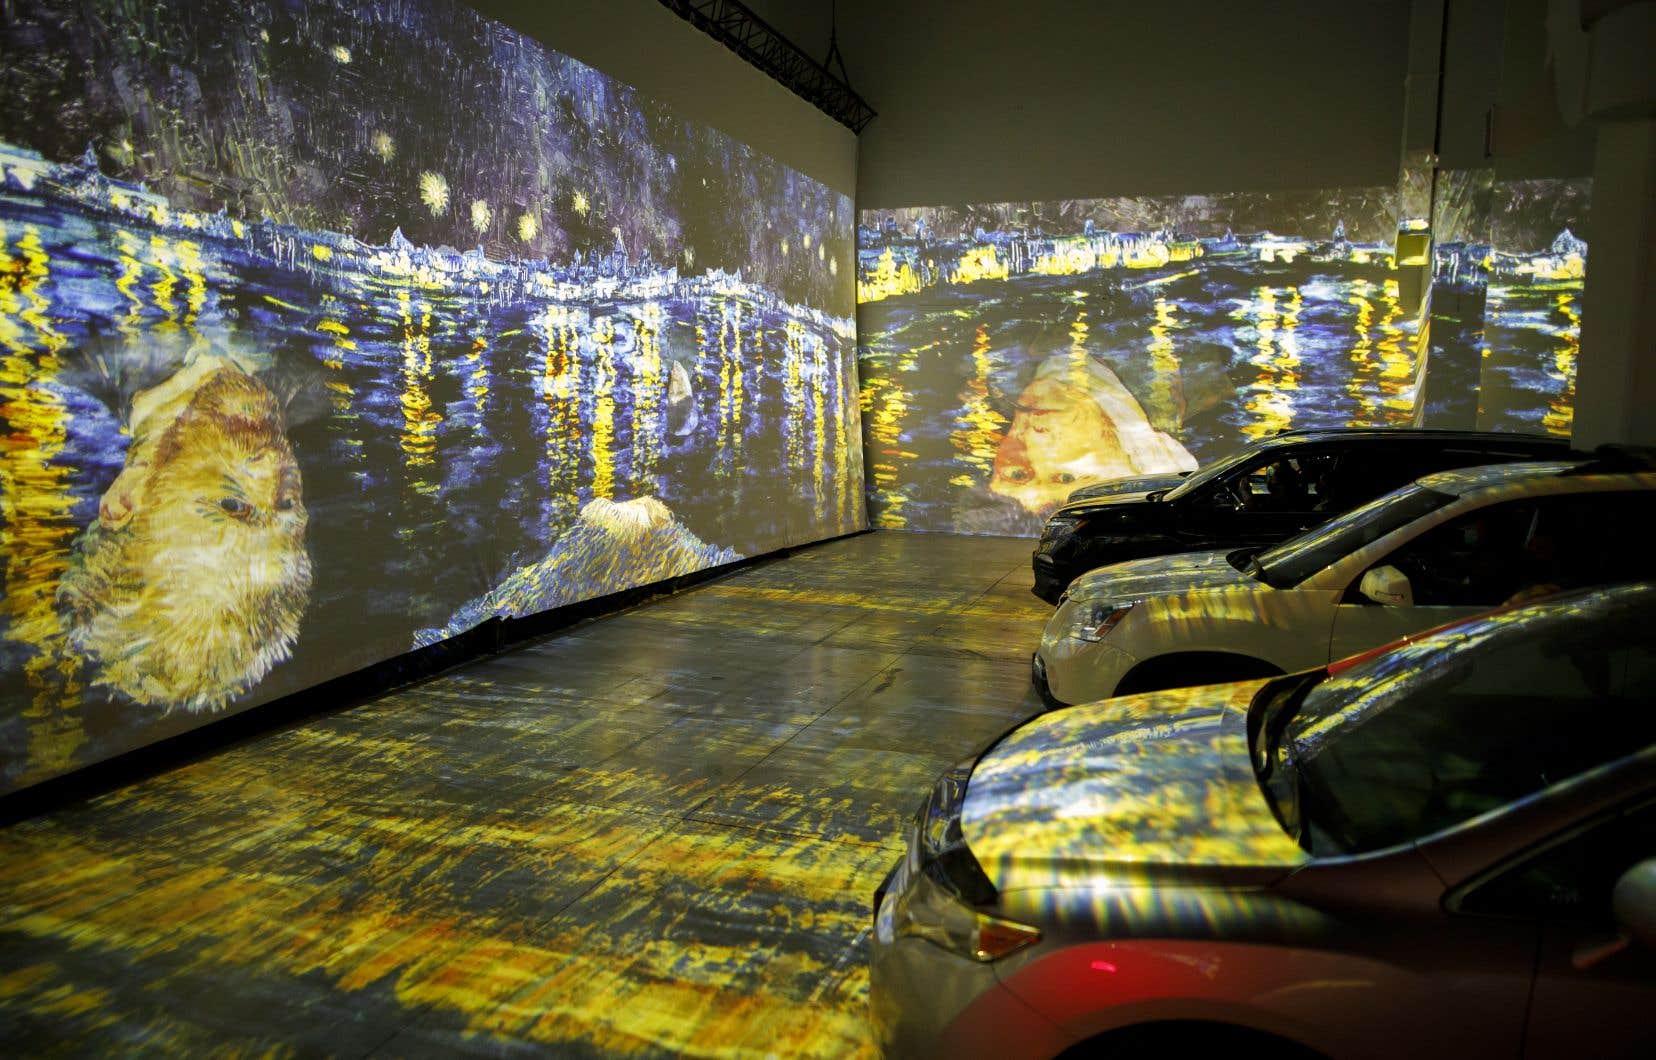 Prévue pour les piétons, l'exposition a été adaptée pour les automobilistes: la salle peut contenir environ dix voitures, qui se garent sur des emplacements définis.